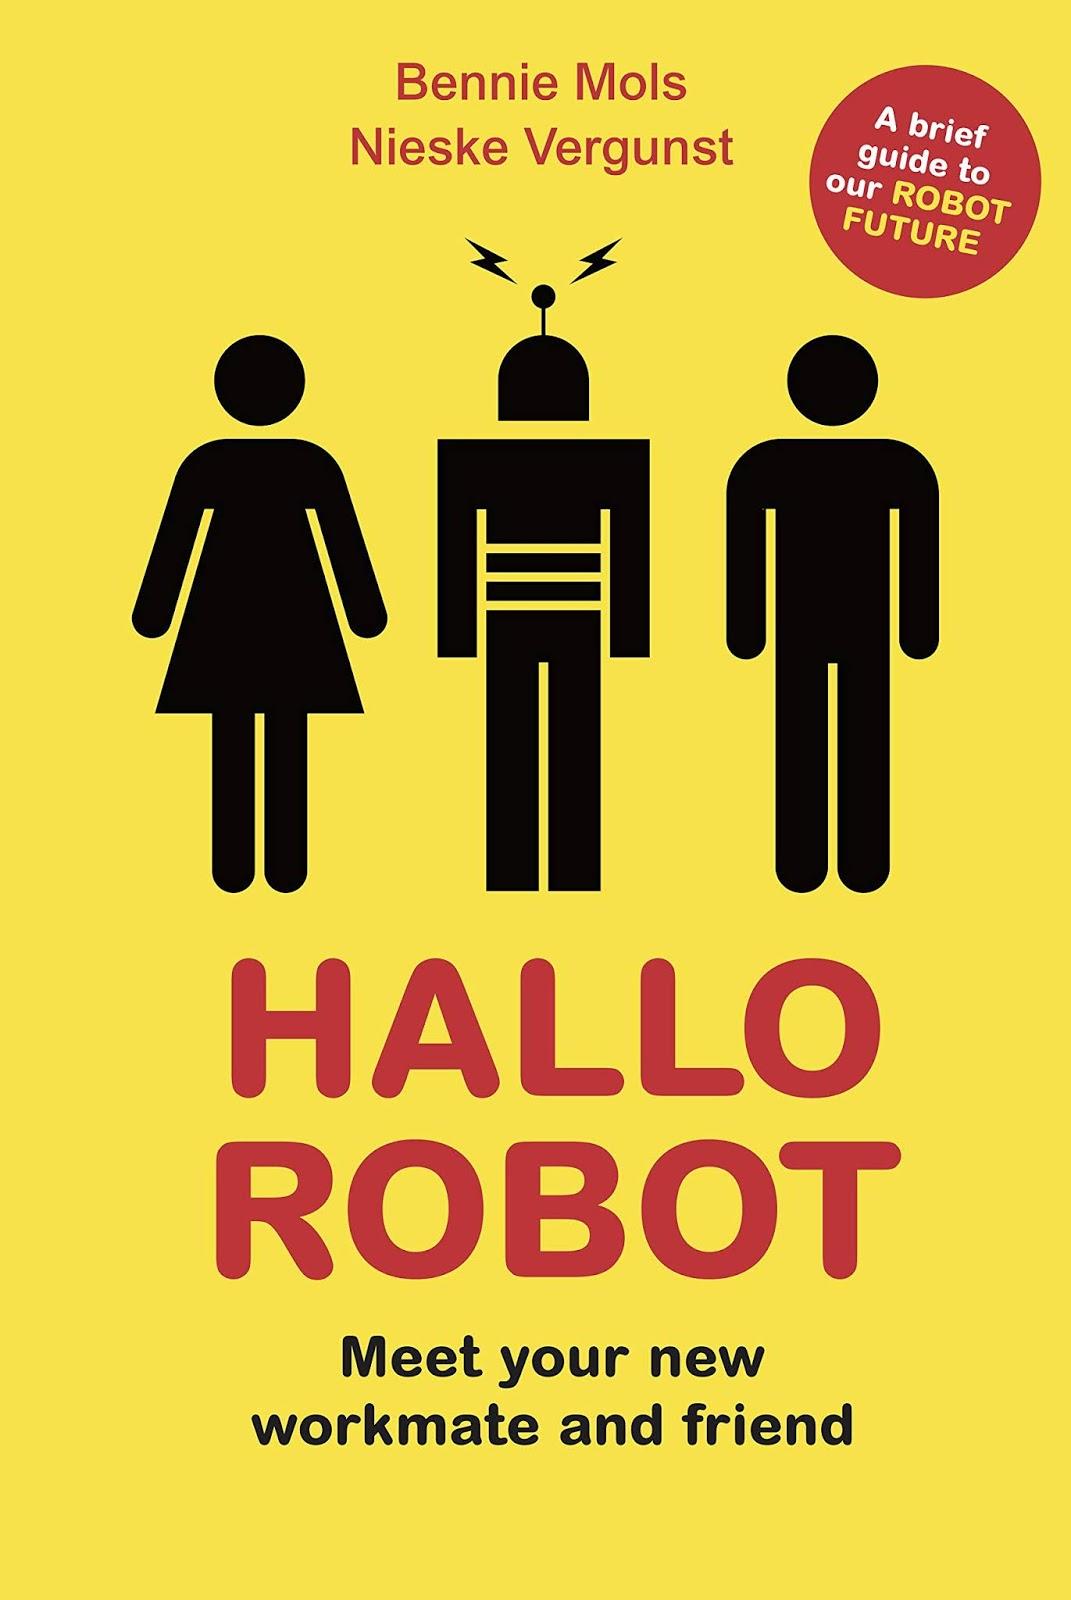 Hallo Robot - Bennie Mols and Nieske Vergunst ***